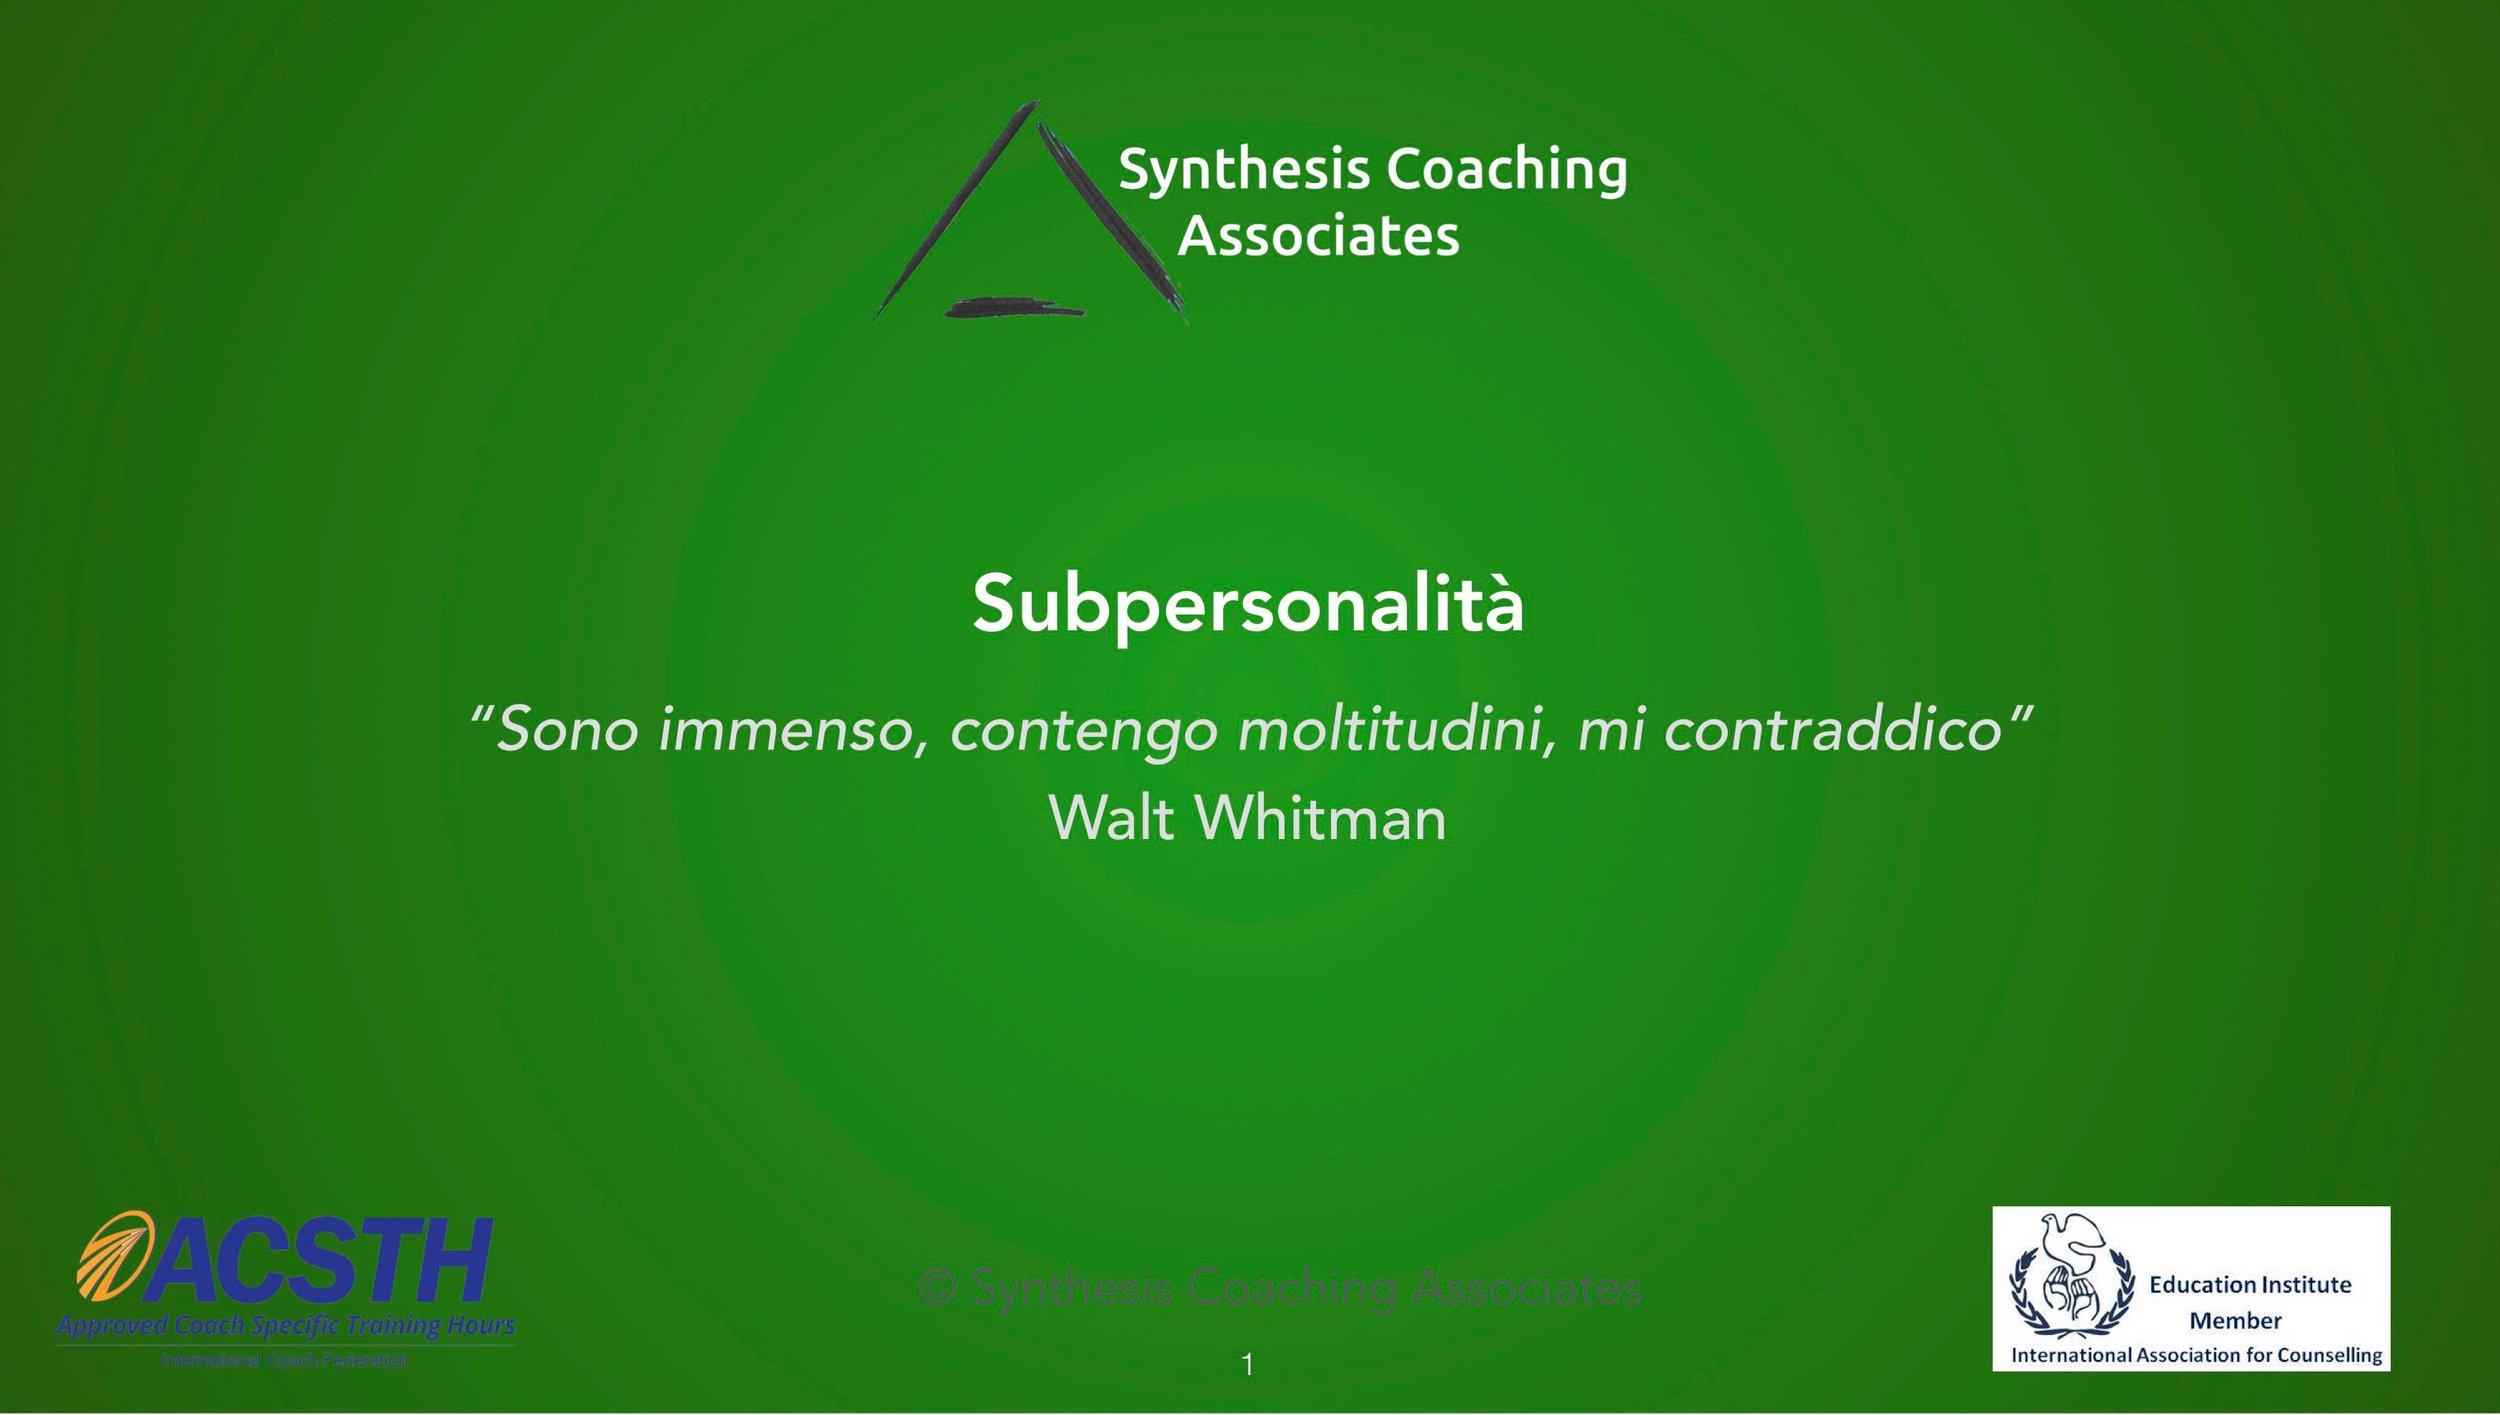 Subptitleweb.jpg